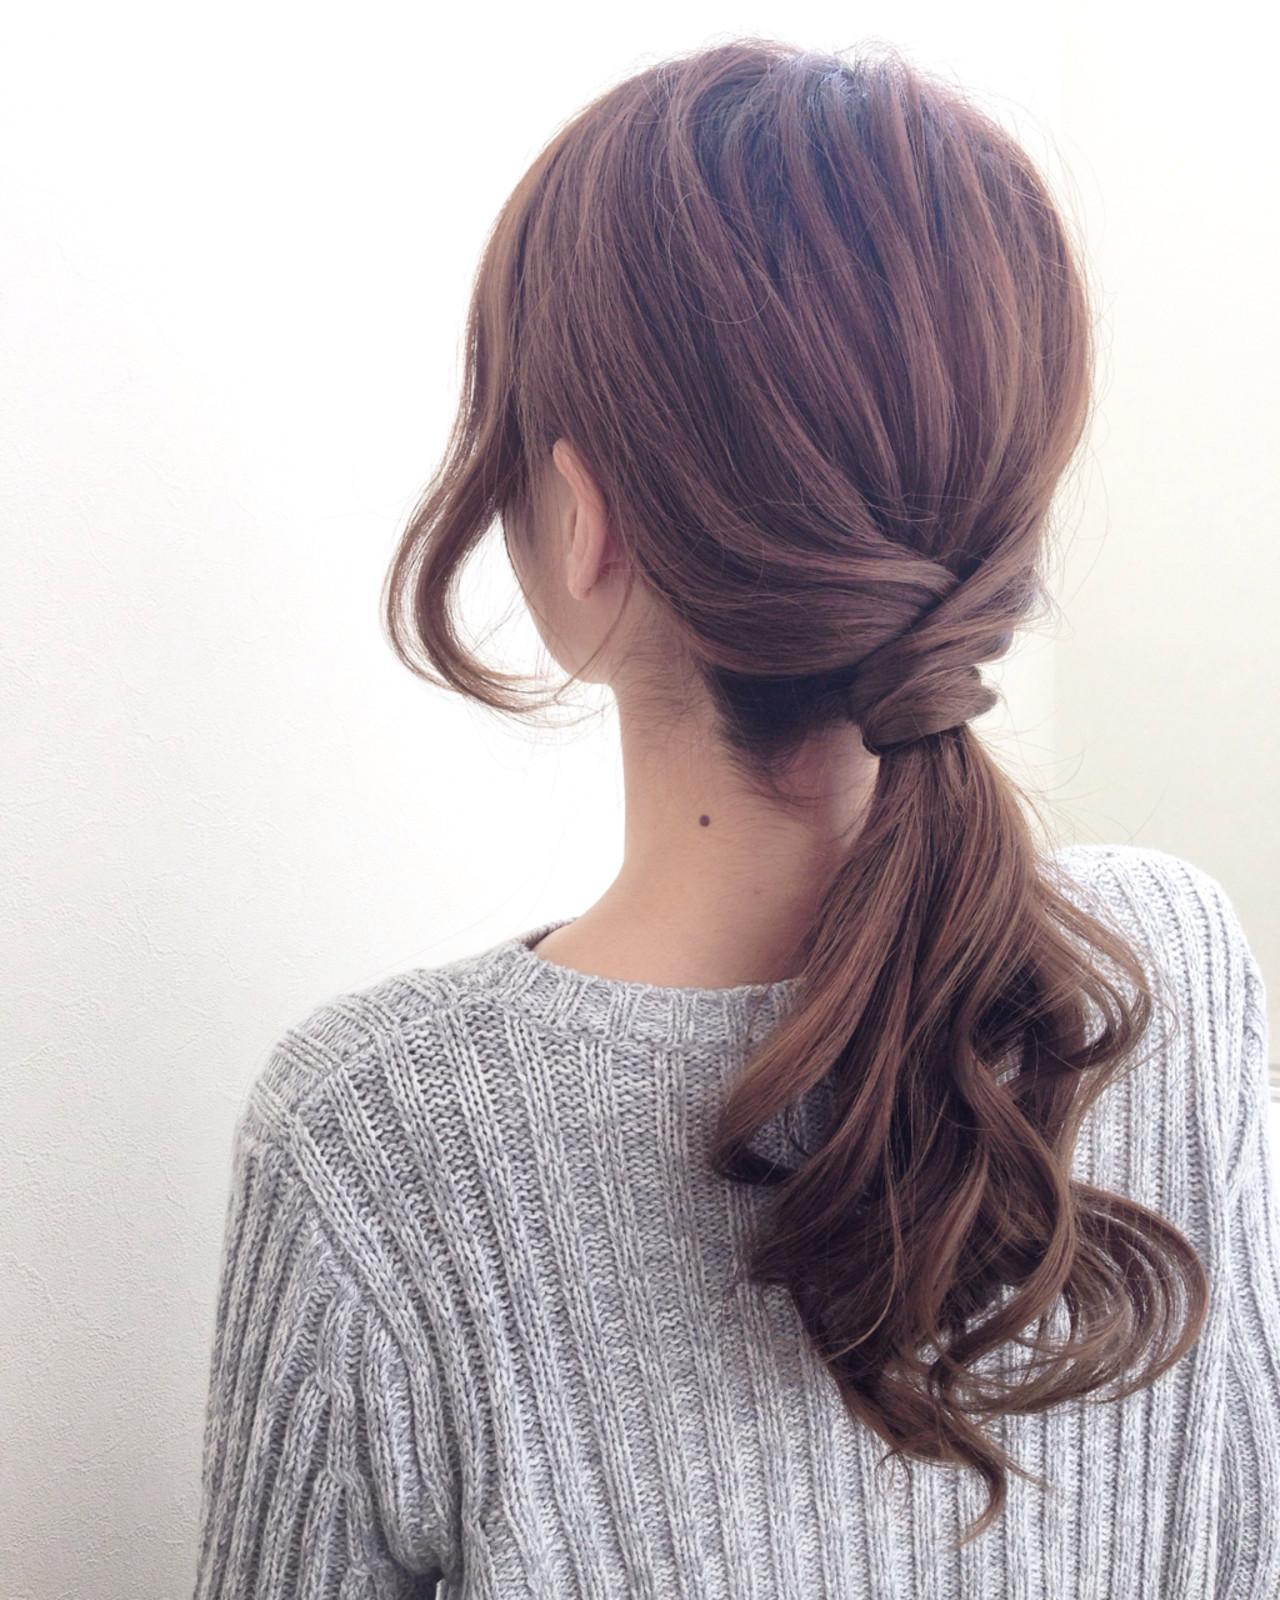 髪のボリュームが気になる人必見!毛先だけパーマで可愛くまとめる ryota kuwamura